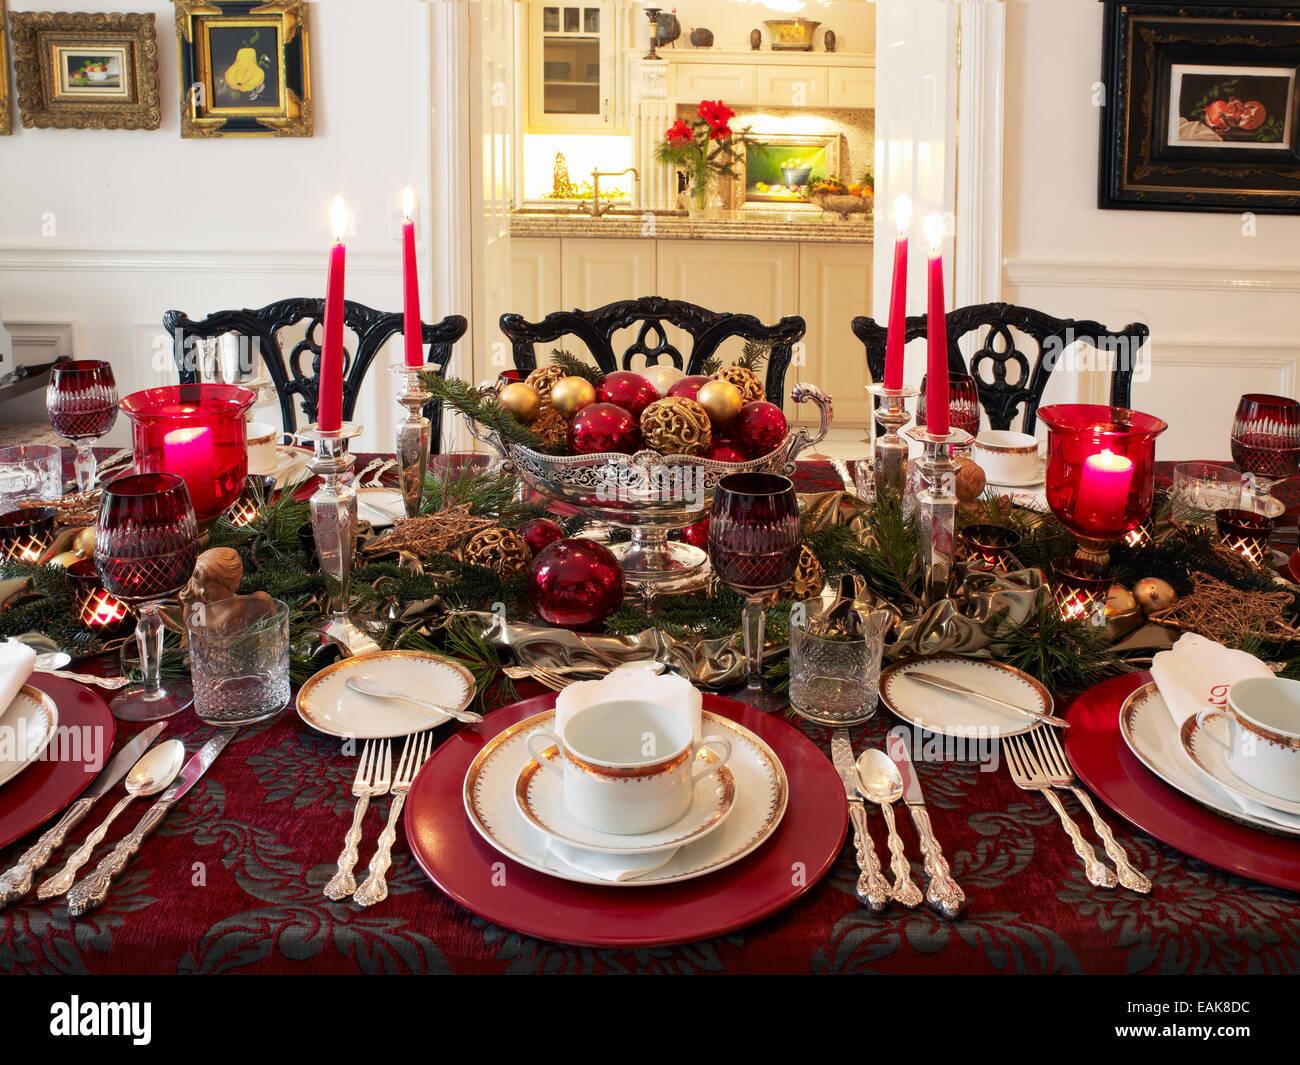 Elegante decoraci n de la mesa de navidad en una atm sfera sofisticada alemania foto imagen - Mesa de navidad elegante ...